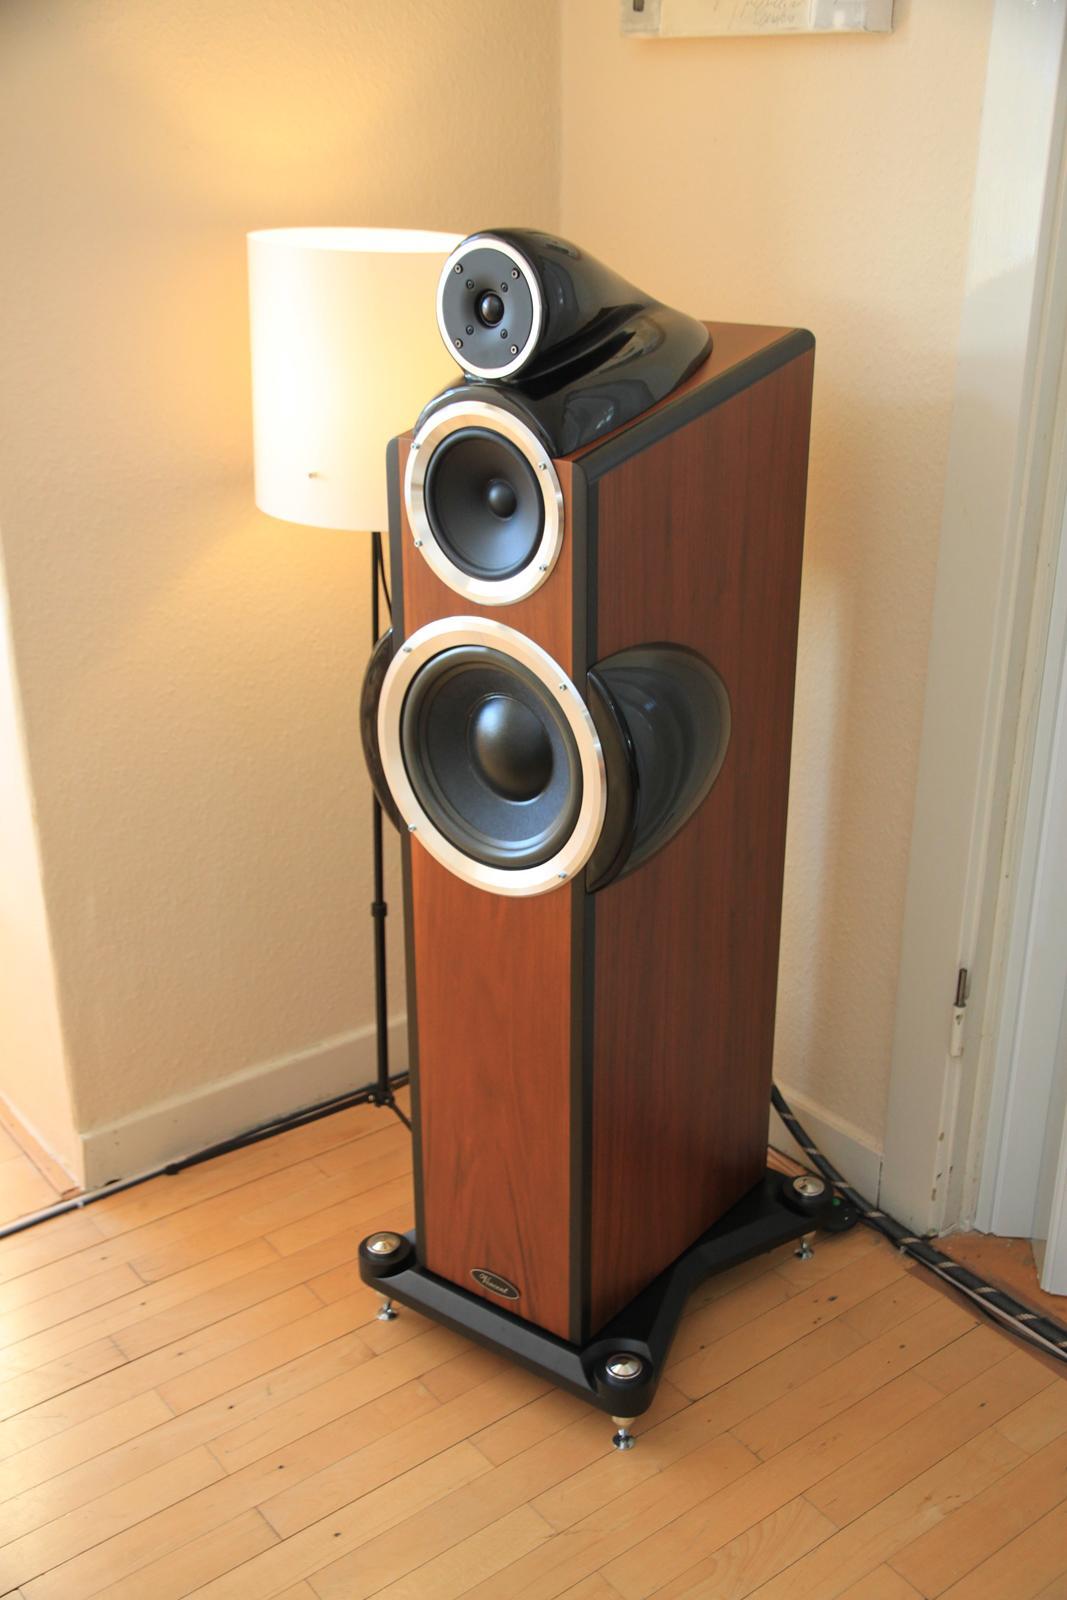 Hjemmebiograf 7.1 /stereo (Marantz - Emotiva - Vincent) billede 14